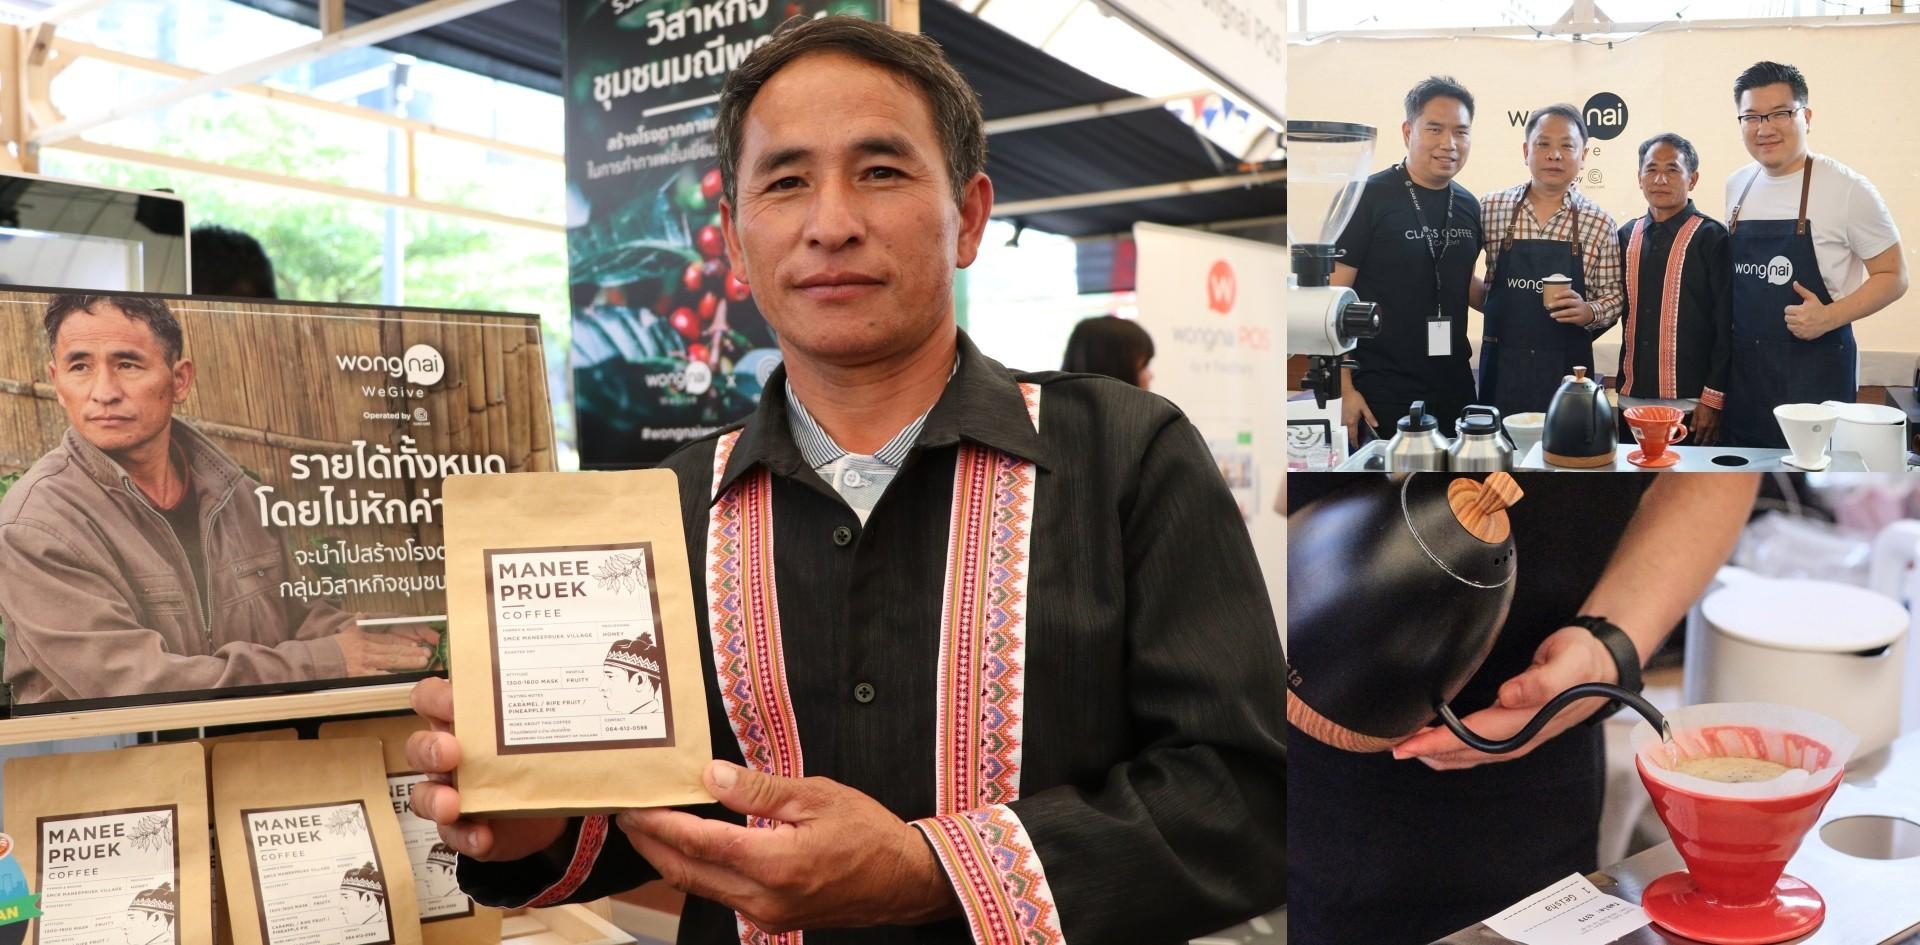 Wongnai WeGive สมทบทุนสร้างโรงตากกาแฟให้วิสาหกิจชุมชนมณีพฤกษ์ จ.น่าน